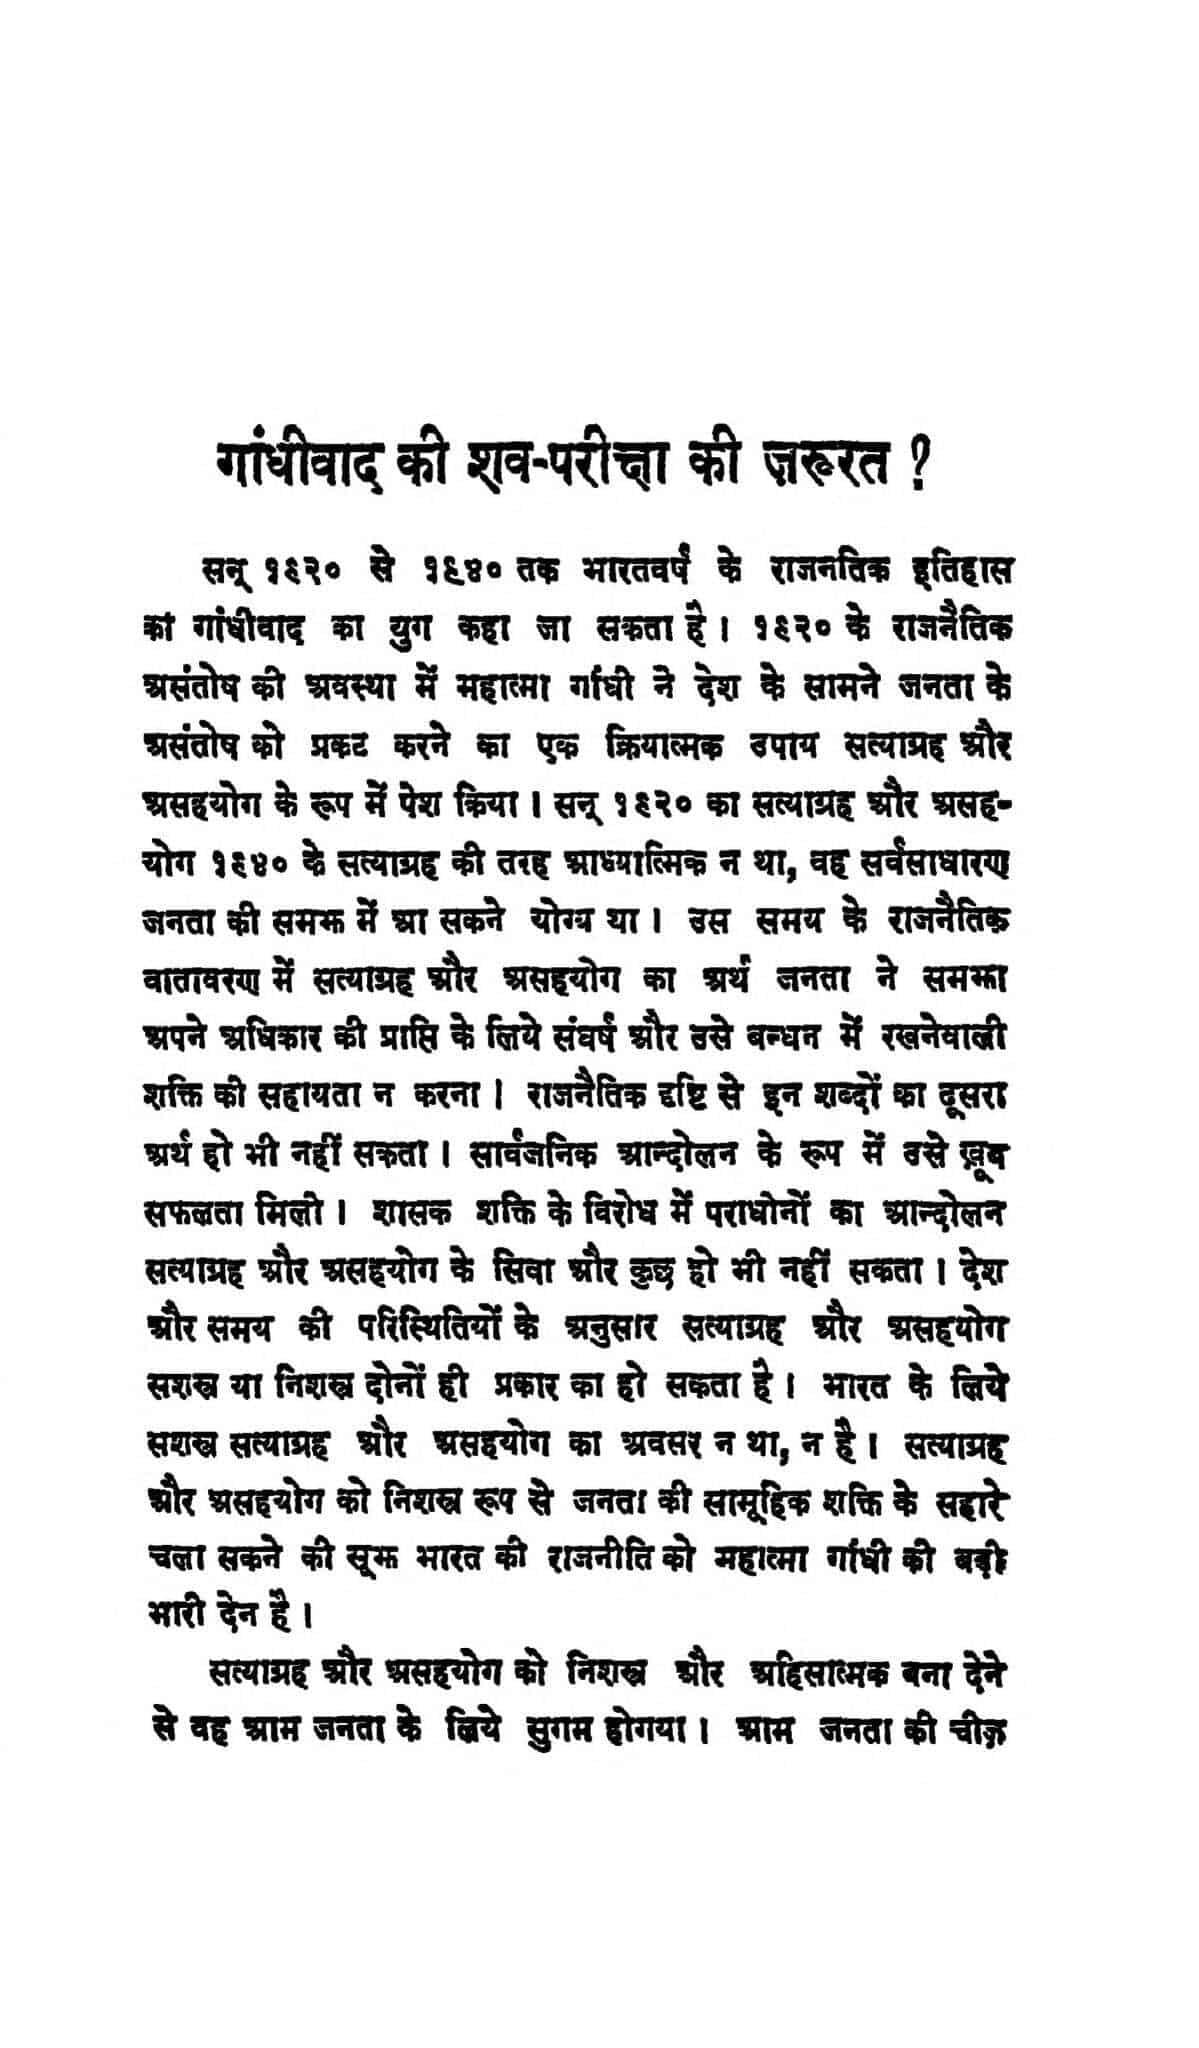 Gandhivad Ki Shav Pariksha Ki Jarurat by यशपाल - Yashpal